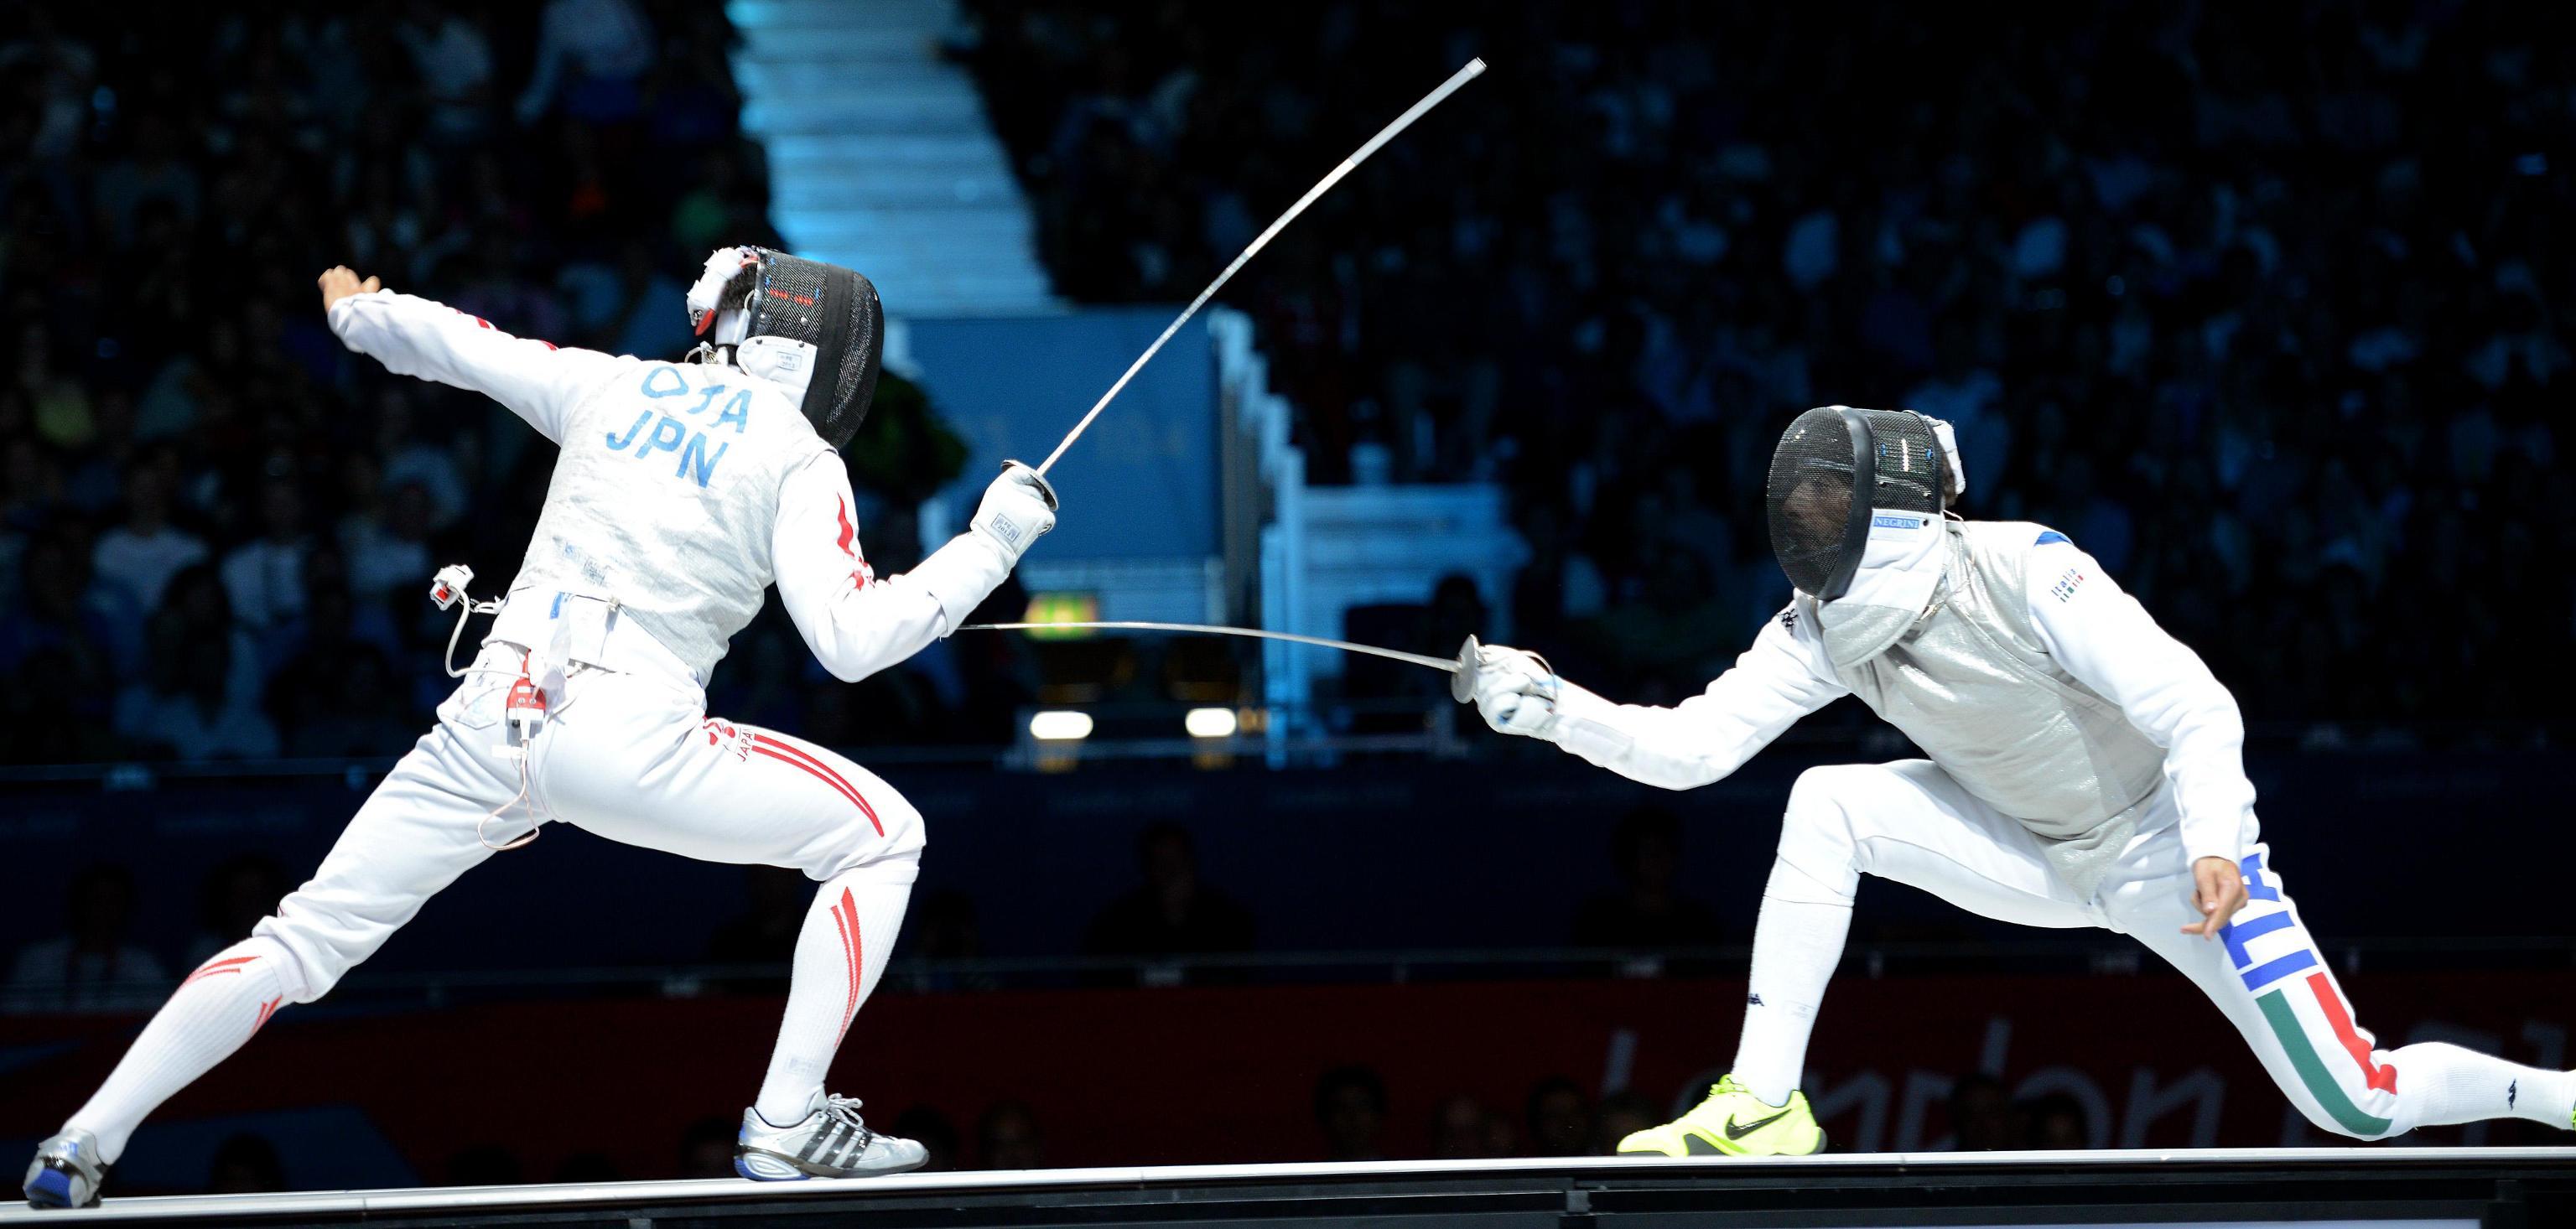 Olimpiadi Rio 2016 Programma Gare Scherma Orario Diretta